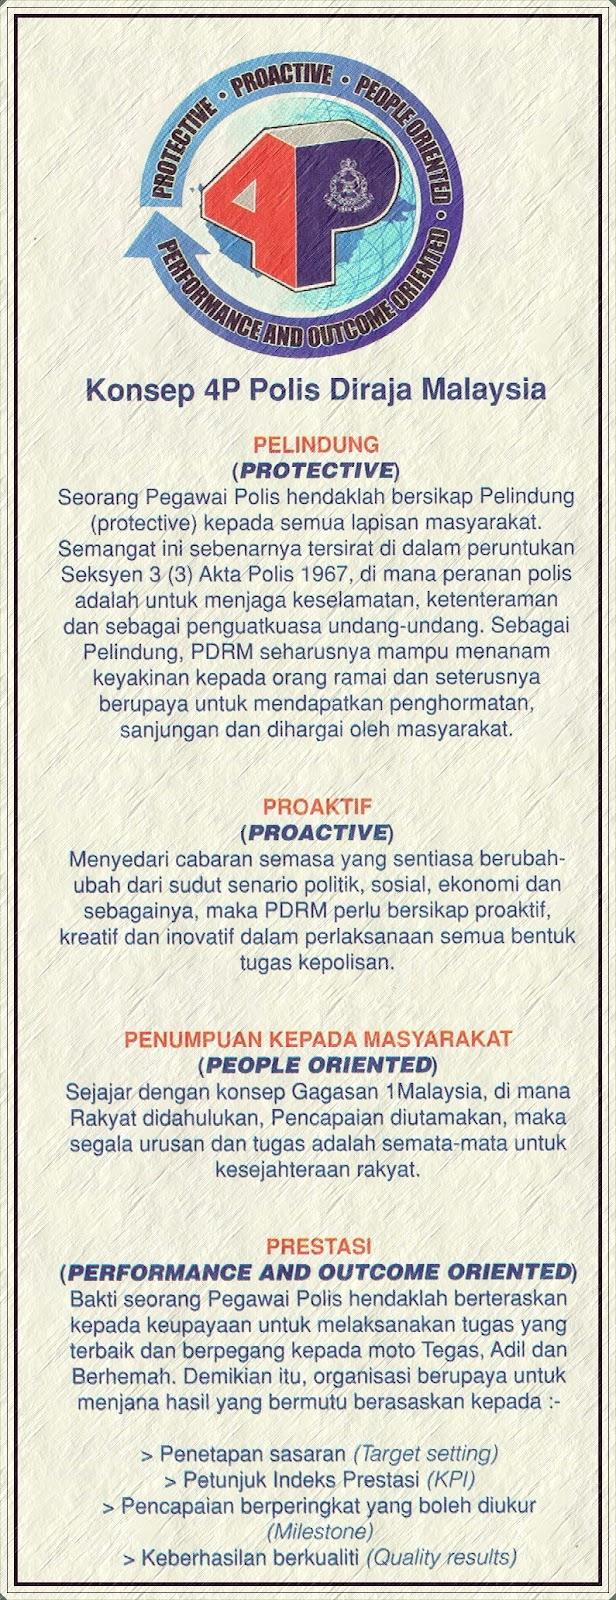 Konsep 4p Polis Diraja Malaysia Pdrm Galeri Pdrm